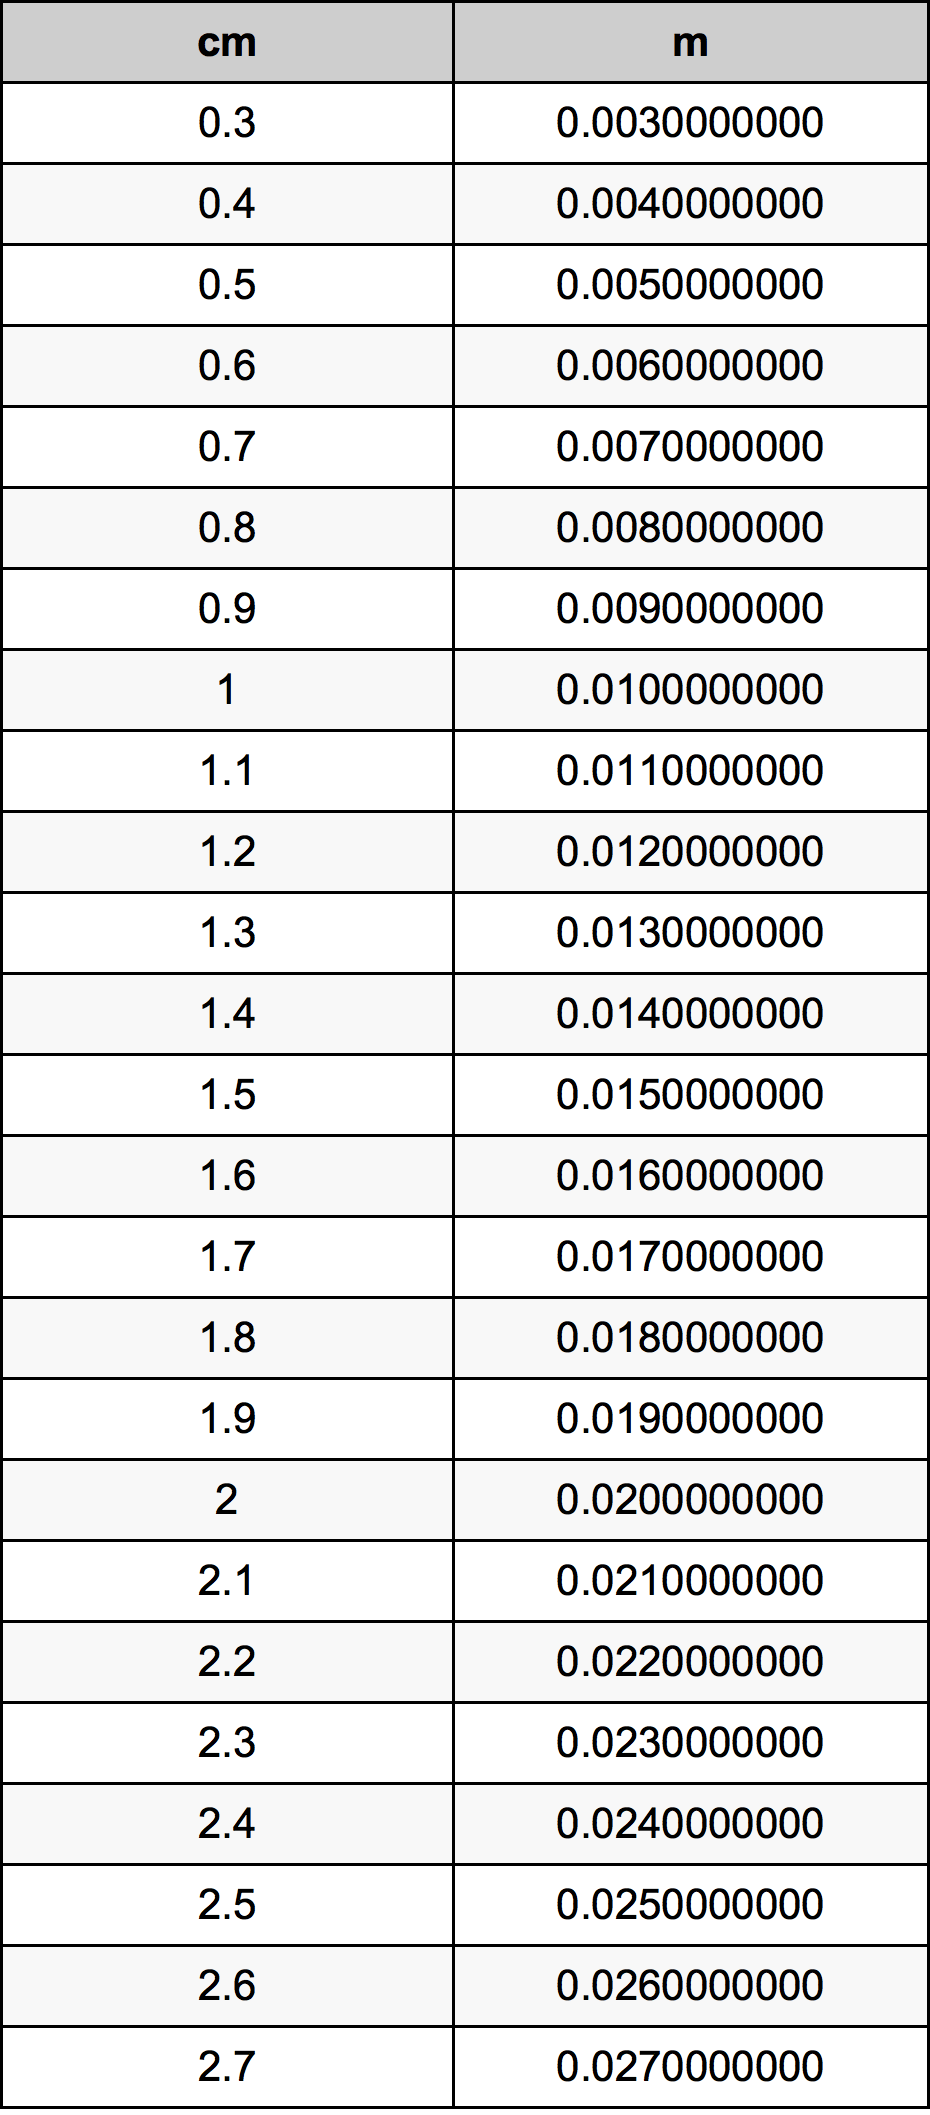 Mengetahui 1 Meter Berapa Centi serta Cara Hitung Mudahnya